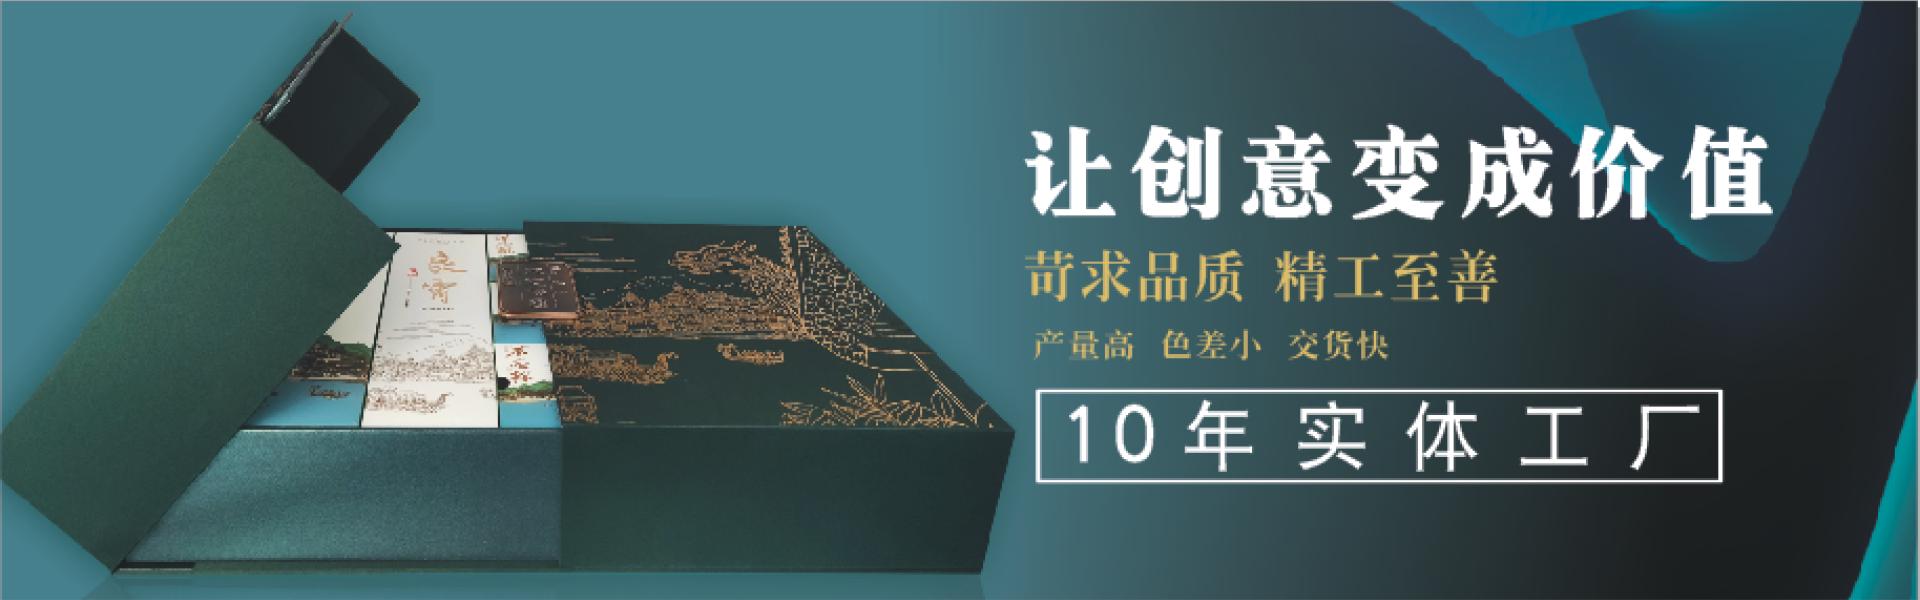 武汉美臣达包装10年生产,保健品盒、食品盒、茶叶酒盒礼品盒实体工厂,苛求品质,精工至善,产量高,色彩小,交货快!